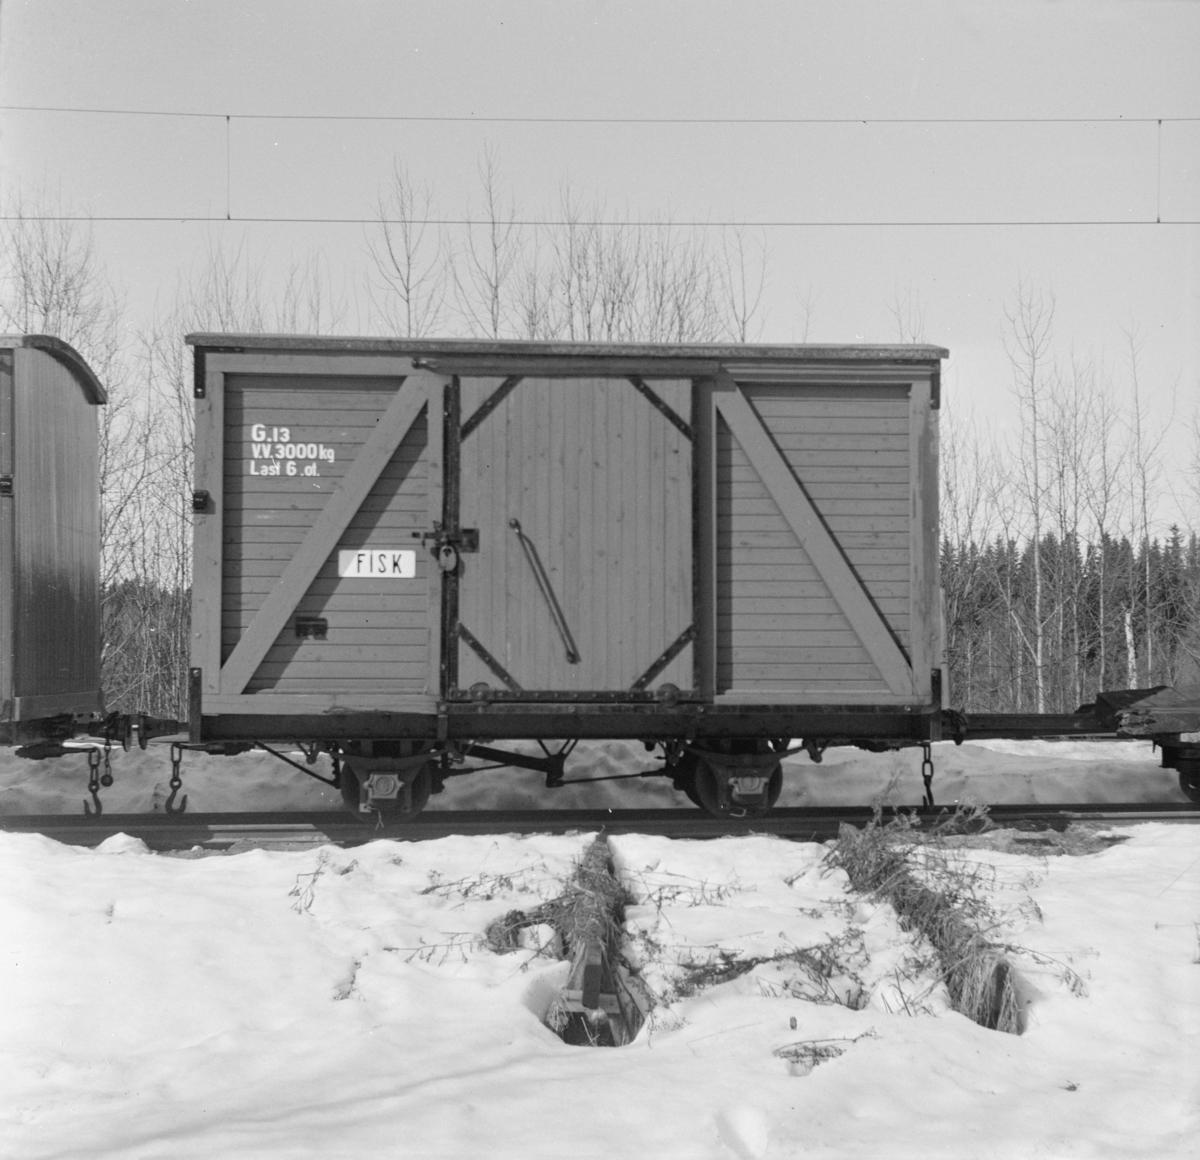 Urskog-Hølandsbanens godsvogn G13 på Bingsfoss stasjon.